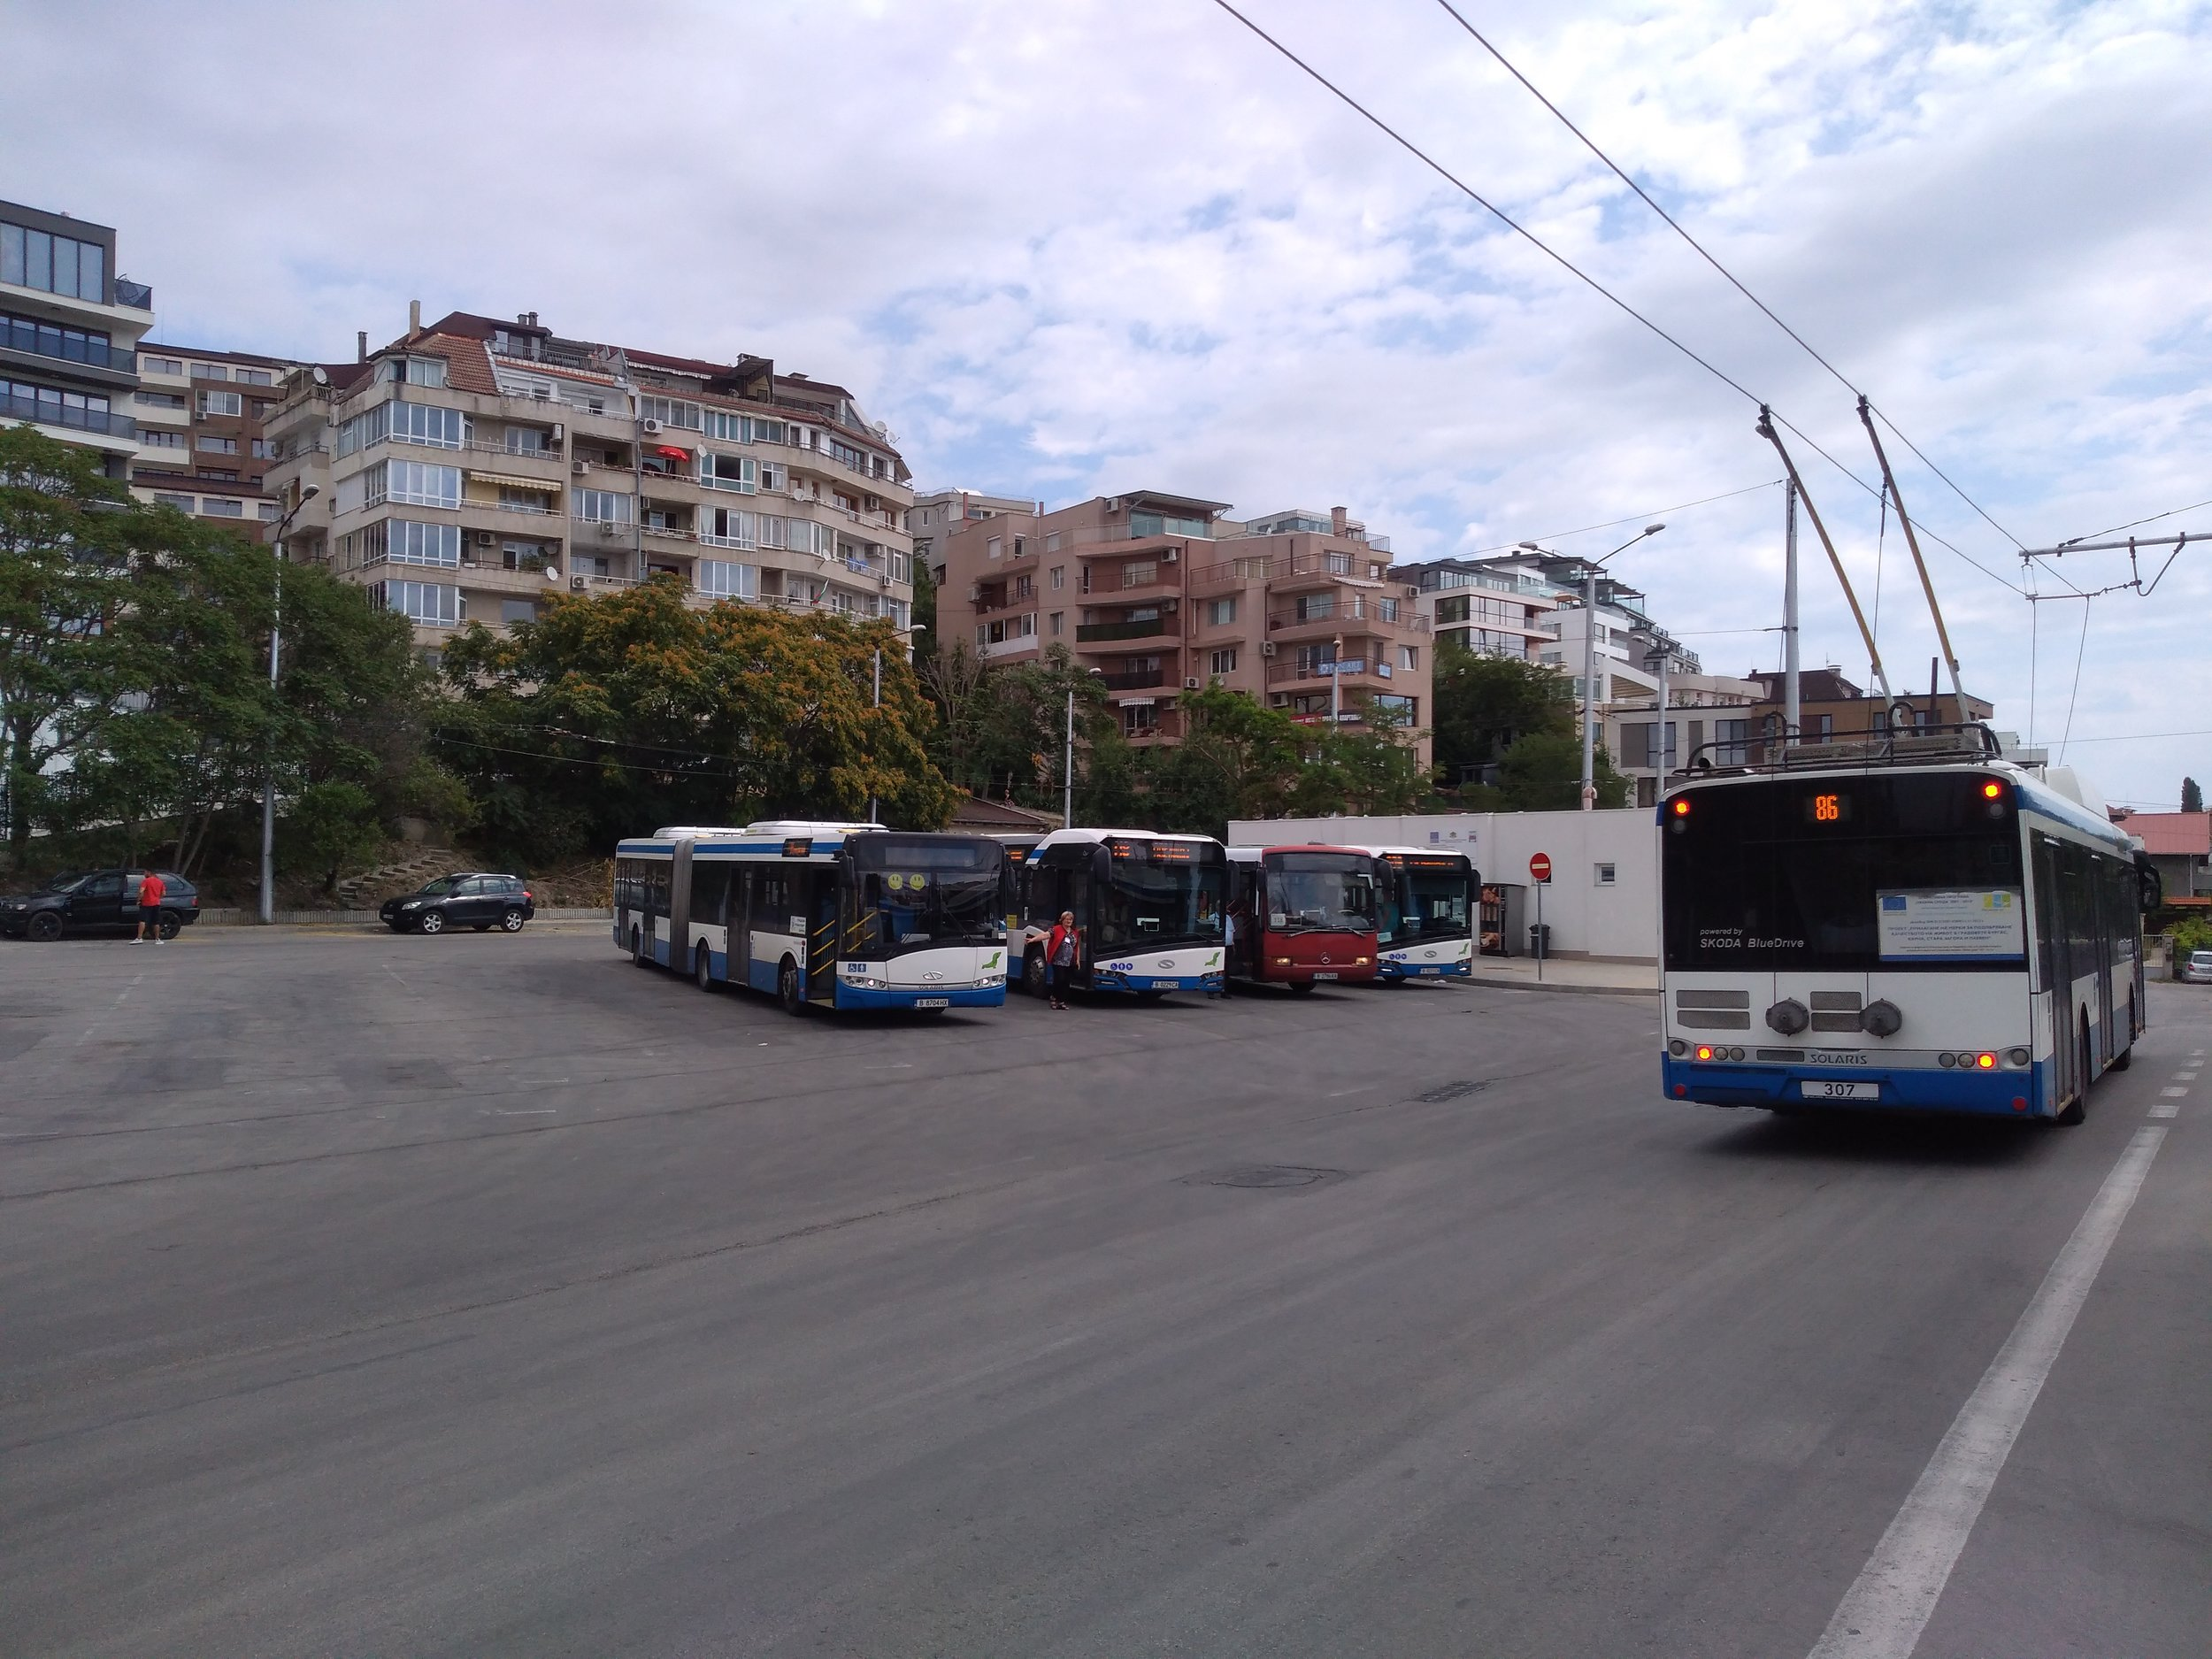 U konečné Počivka. Poptávka po přepravě MHD je na severovýchodně města dostatečná, přesto sem trolejbusy jezdí jen jednou za půl hodiny a v pozdějších večerních hodinách už sem nesměřují vůbec, zatímco poptávku obsluhují hromadně autobusy.